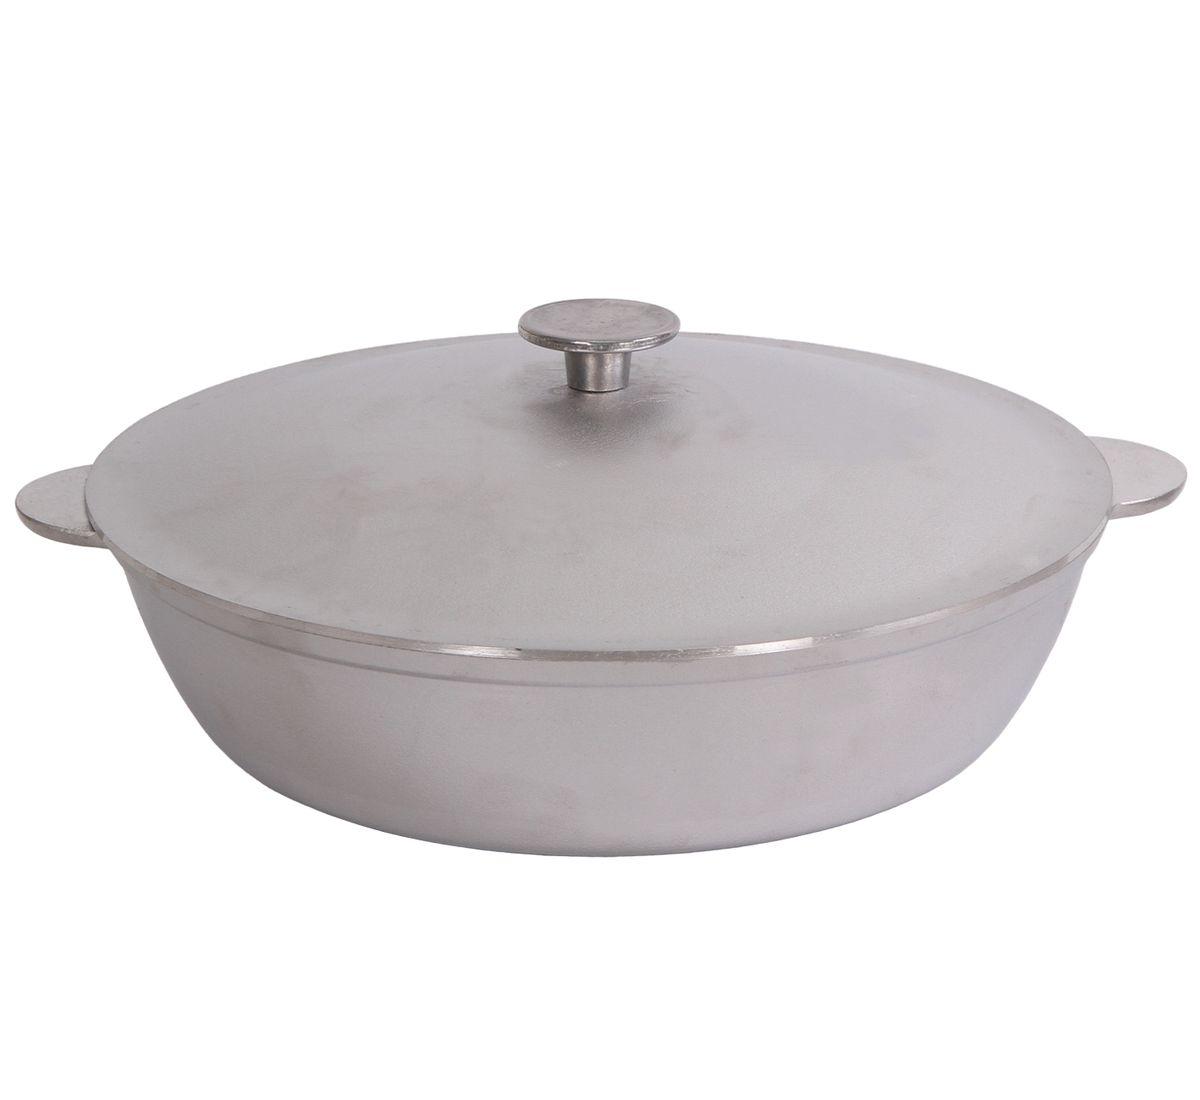 Сковорода Биол с крышкой. Диаметр 32 см300180_синийСковорода Биол изготовлена из литого алюминия. Изделие оснащено плотно прилегающей крышкой, позволяющей сохранить аромат готовящегося блюда.Сковорода снабжена двумя эргономичными ручками. Нельзя оставлять приготовленную пищу в посуде для хранения. Сковороду можно использовать на газовых, электрических и стеклокерамических плитах. Высота стенки: 8,3 см.Диаметр (по верхнему краю): 32 см.Ширина (с учетом ручек): 37,5 см.